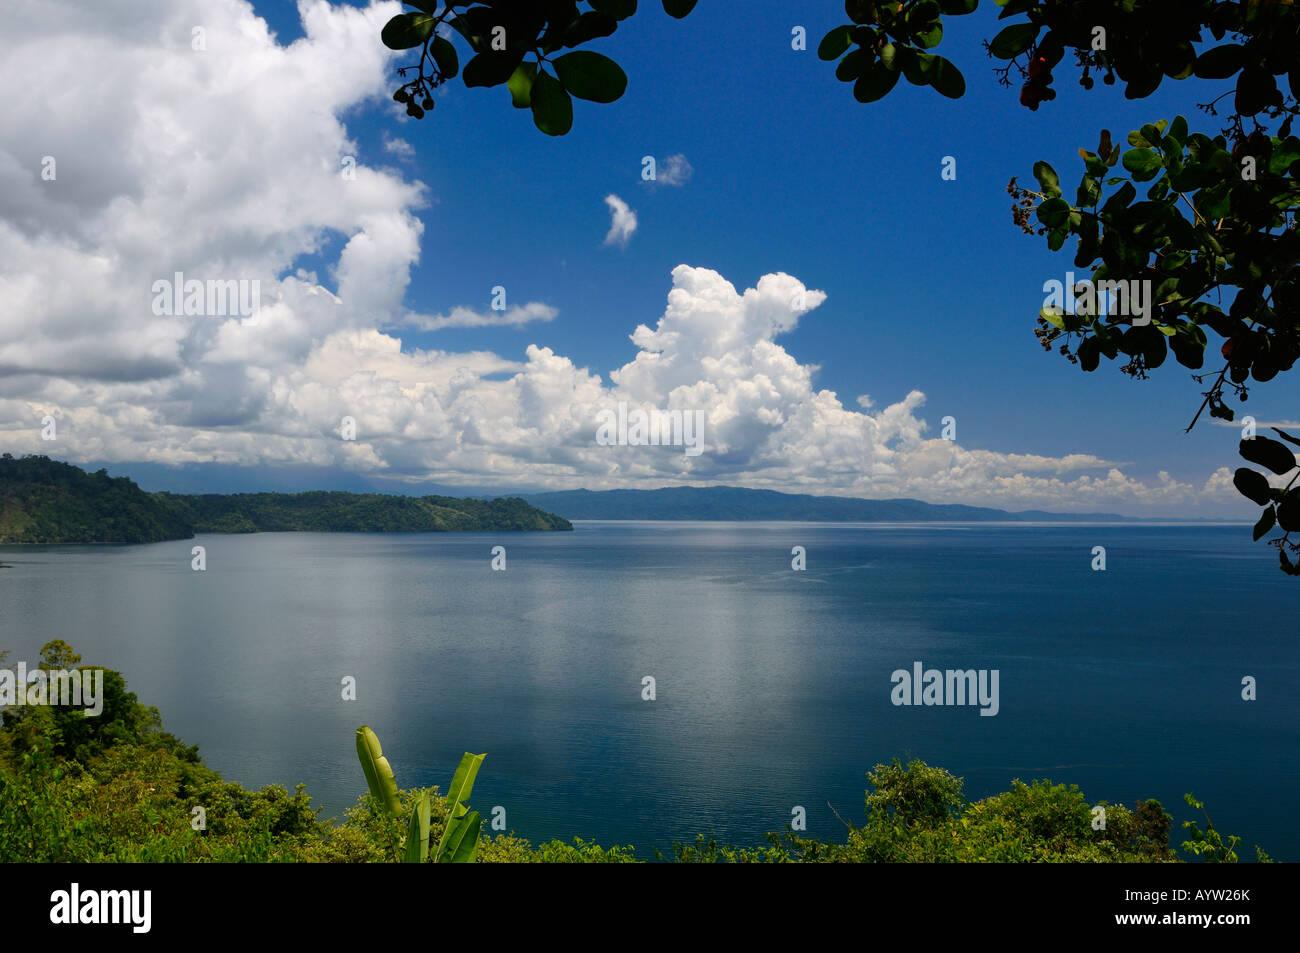 Blaue ruhigen Wasser des isolierten Golfo Dulce am Halbinsel Osa Costa Rica unter einem Cashew-Baum Stockbild